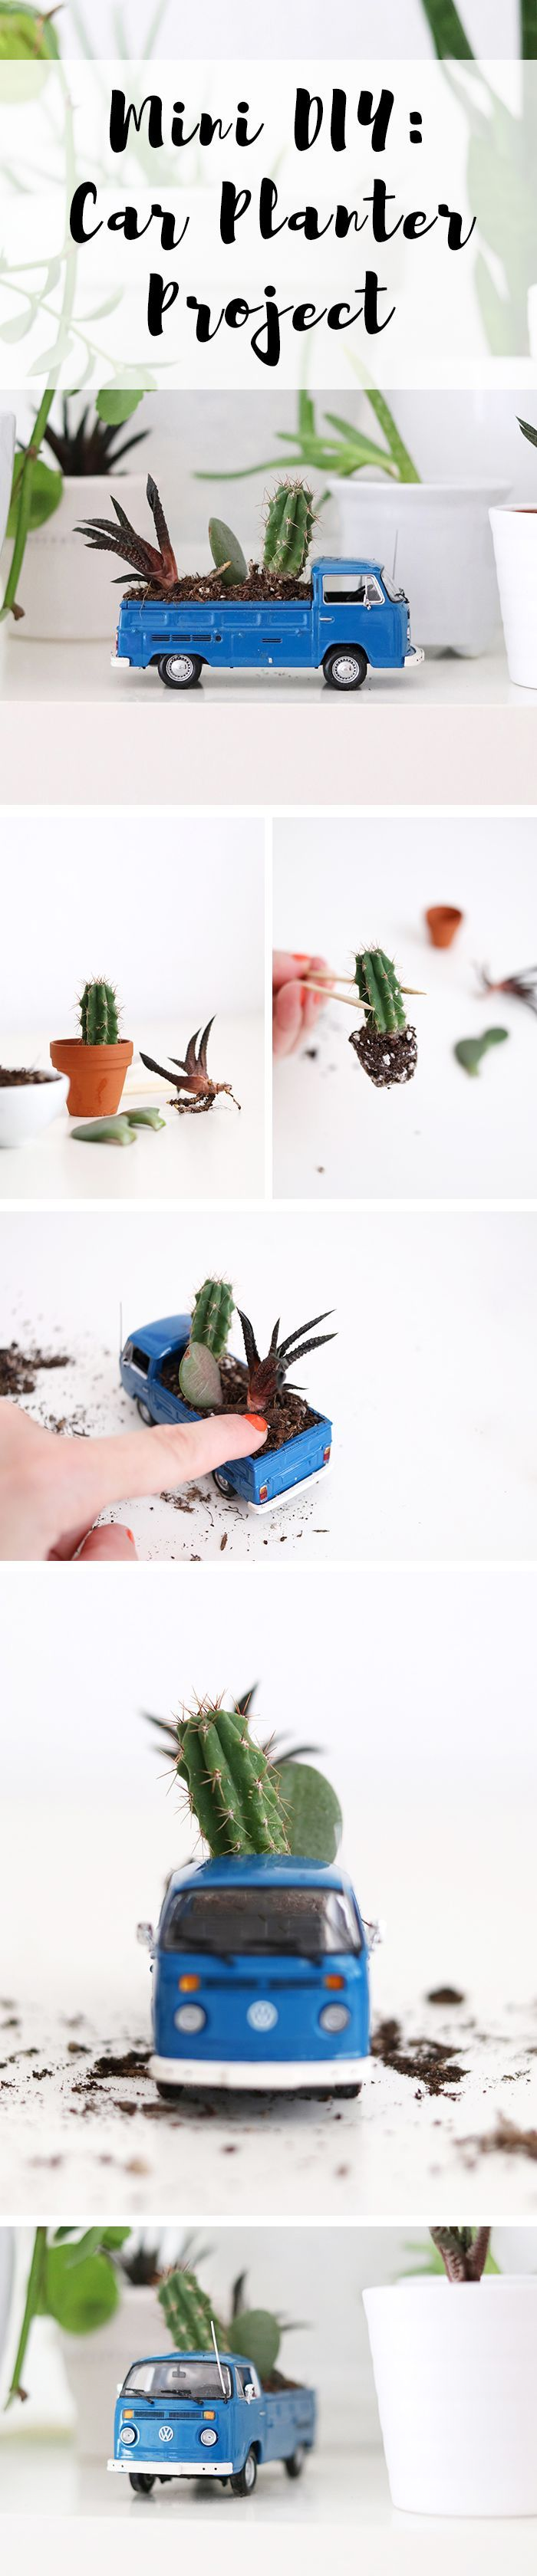 Deko für die Wohnung: kleines Spielzeugauto mit Erde und Blumen bepflanzen. | how to make a mini car planter.